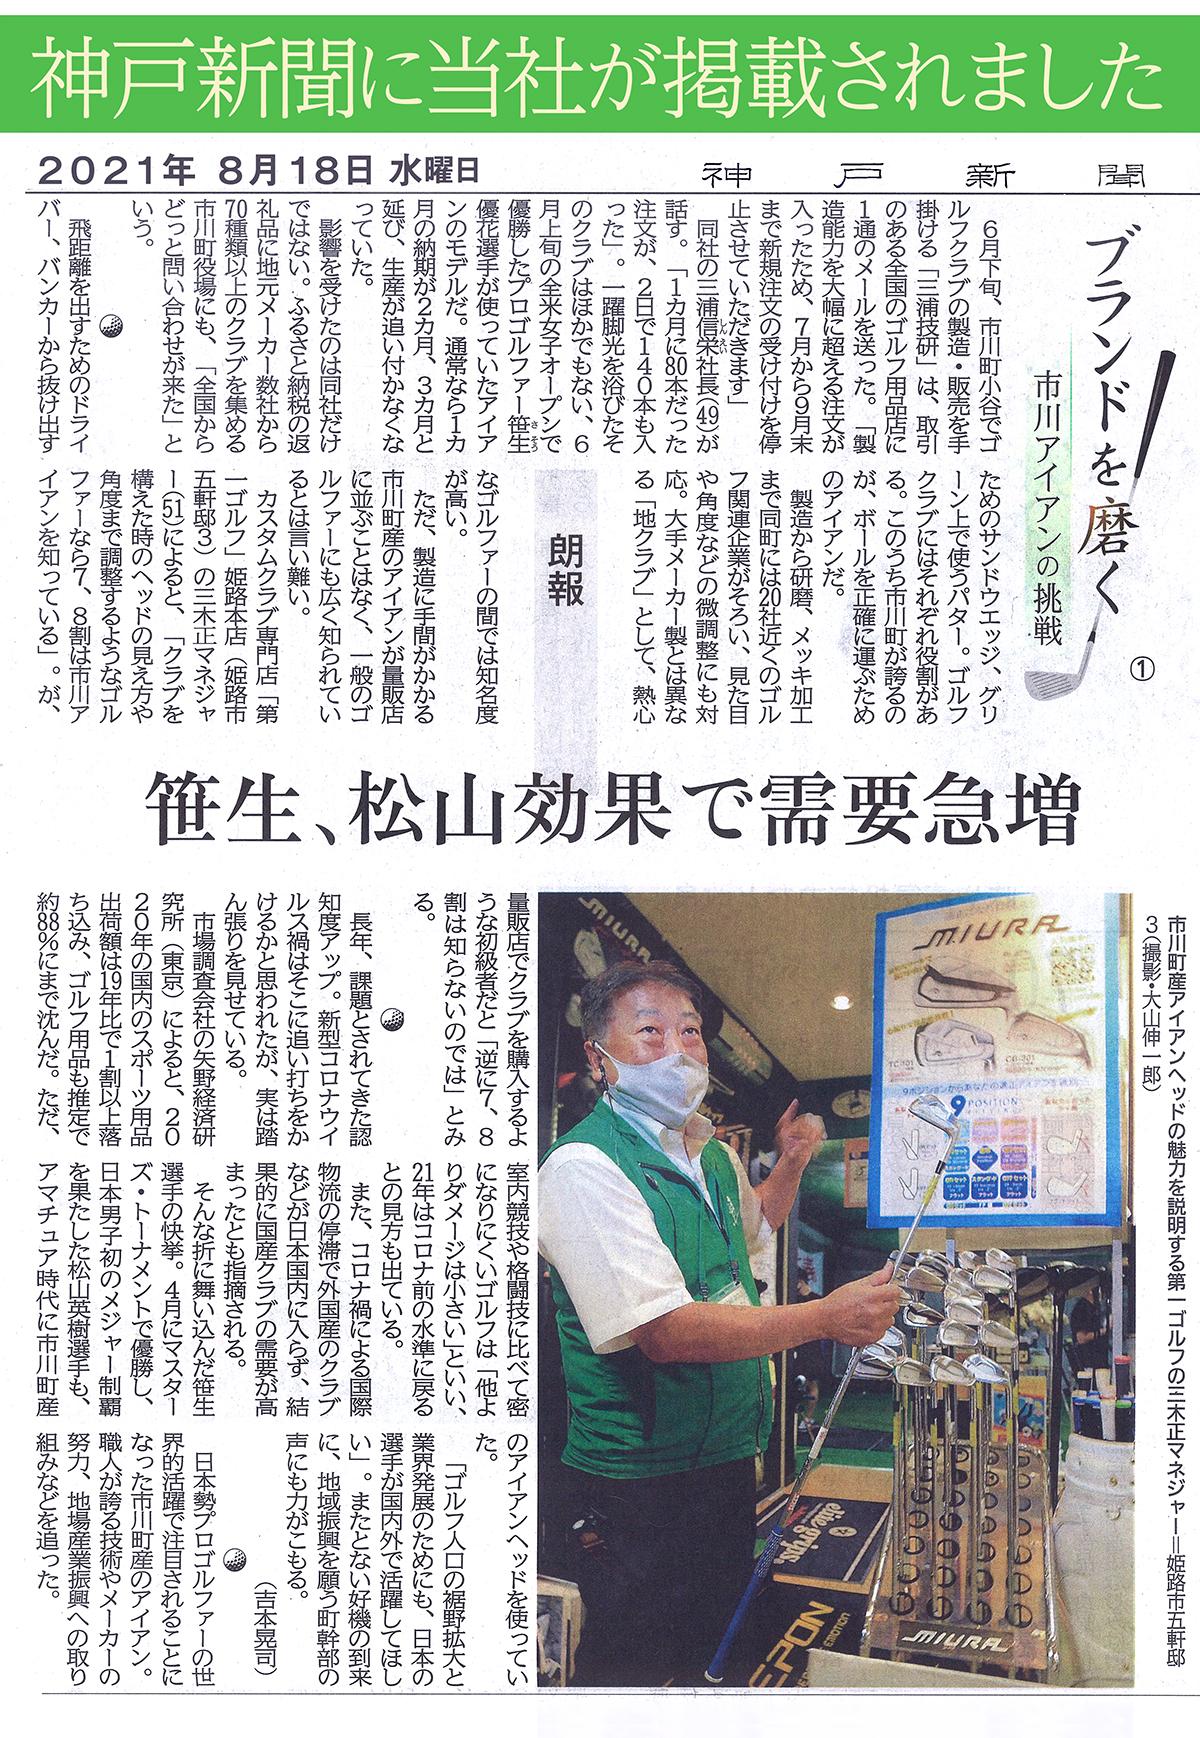 kobeshunbun_20210818.jpg